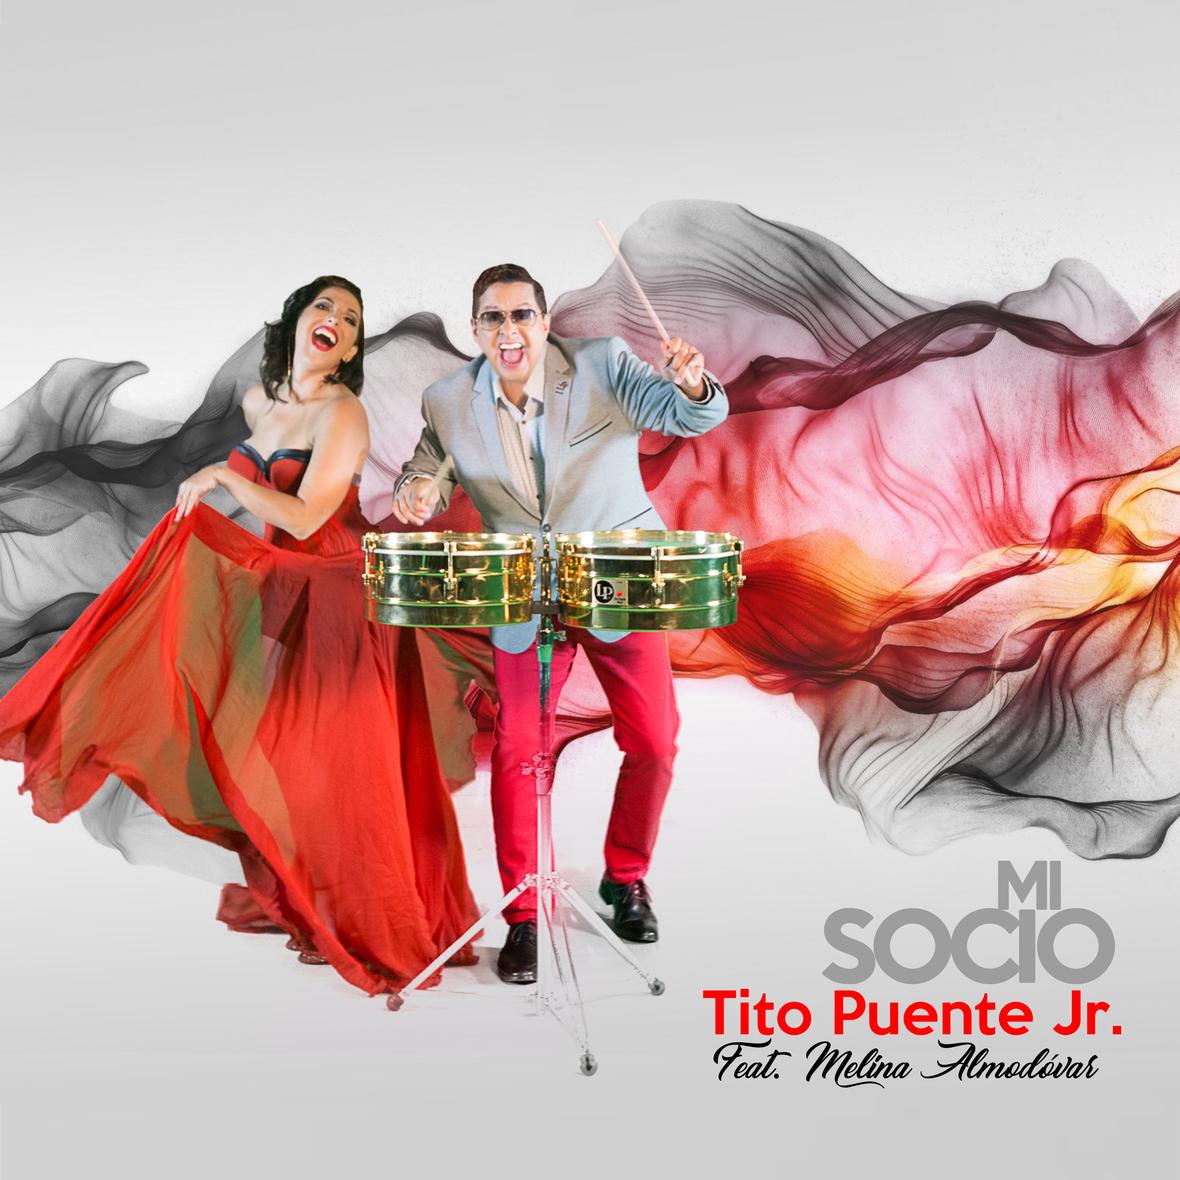 Mi Socio-Cover